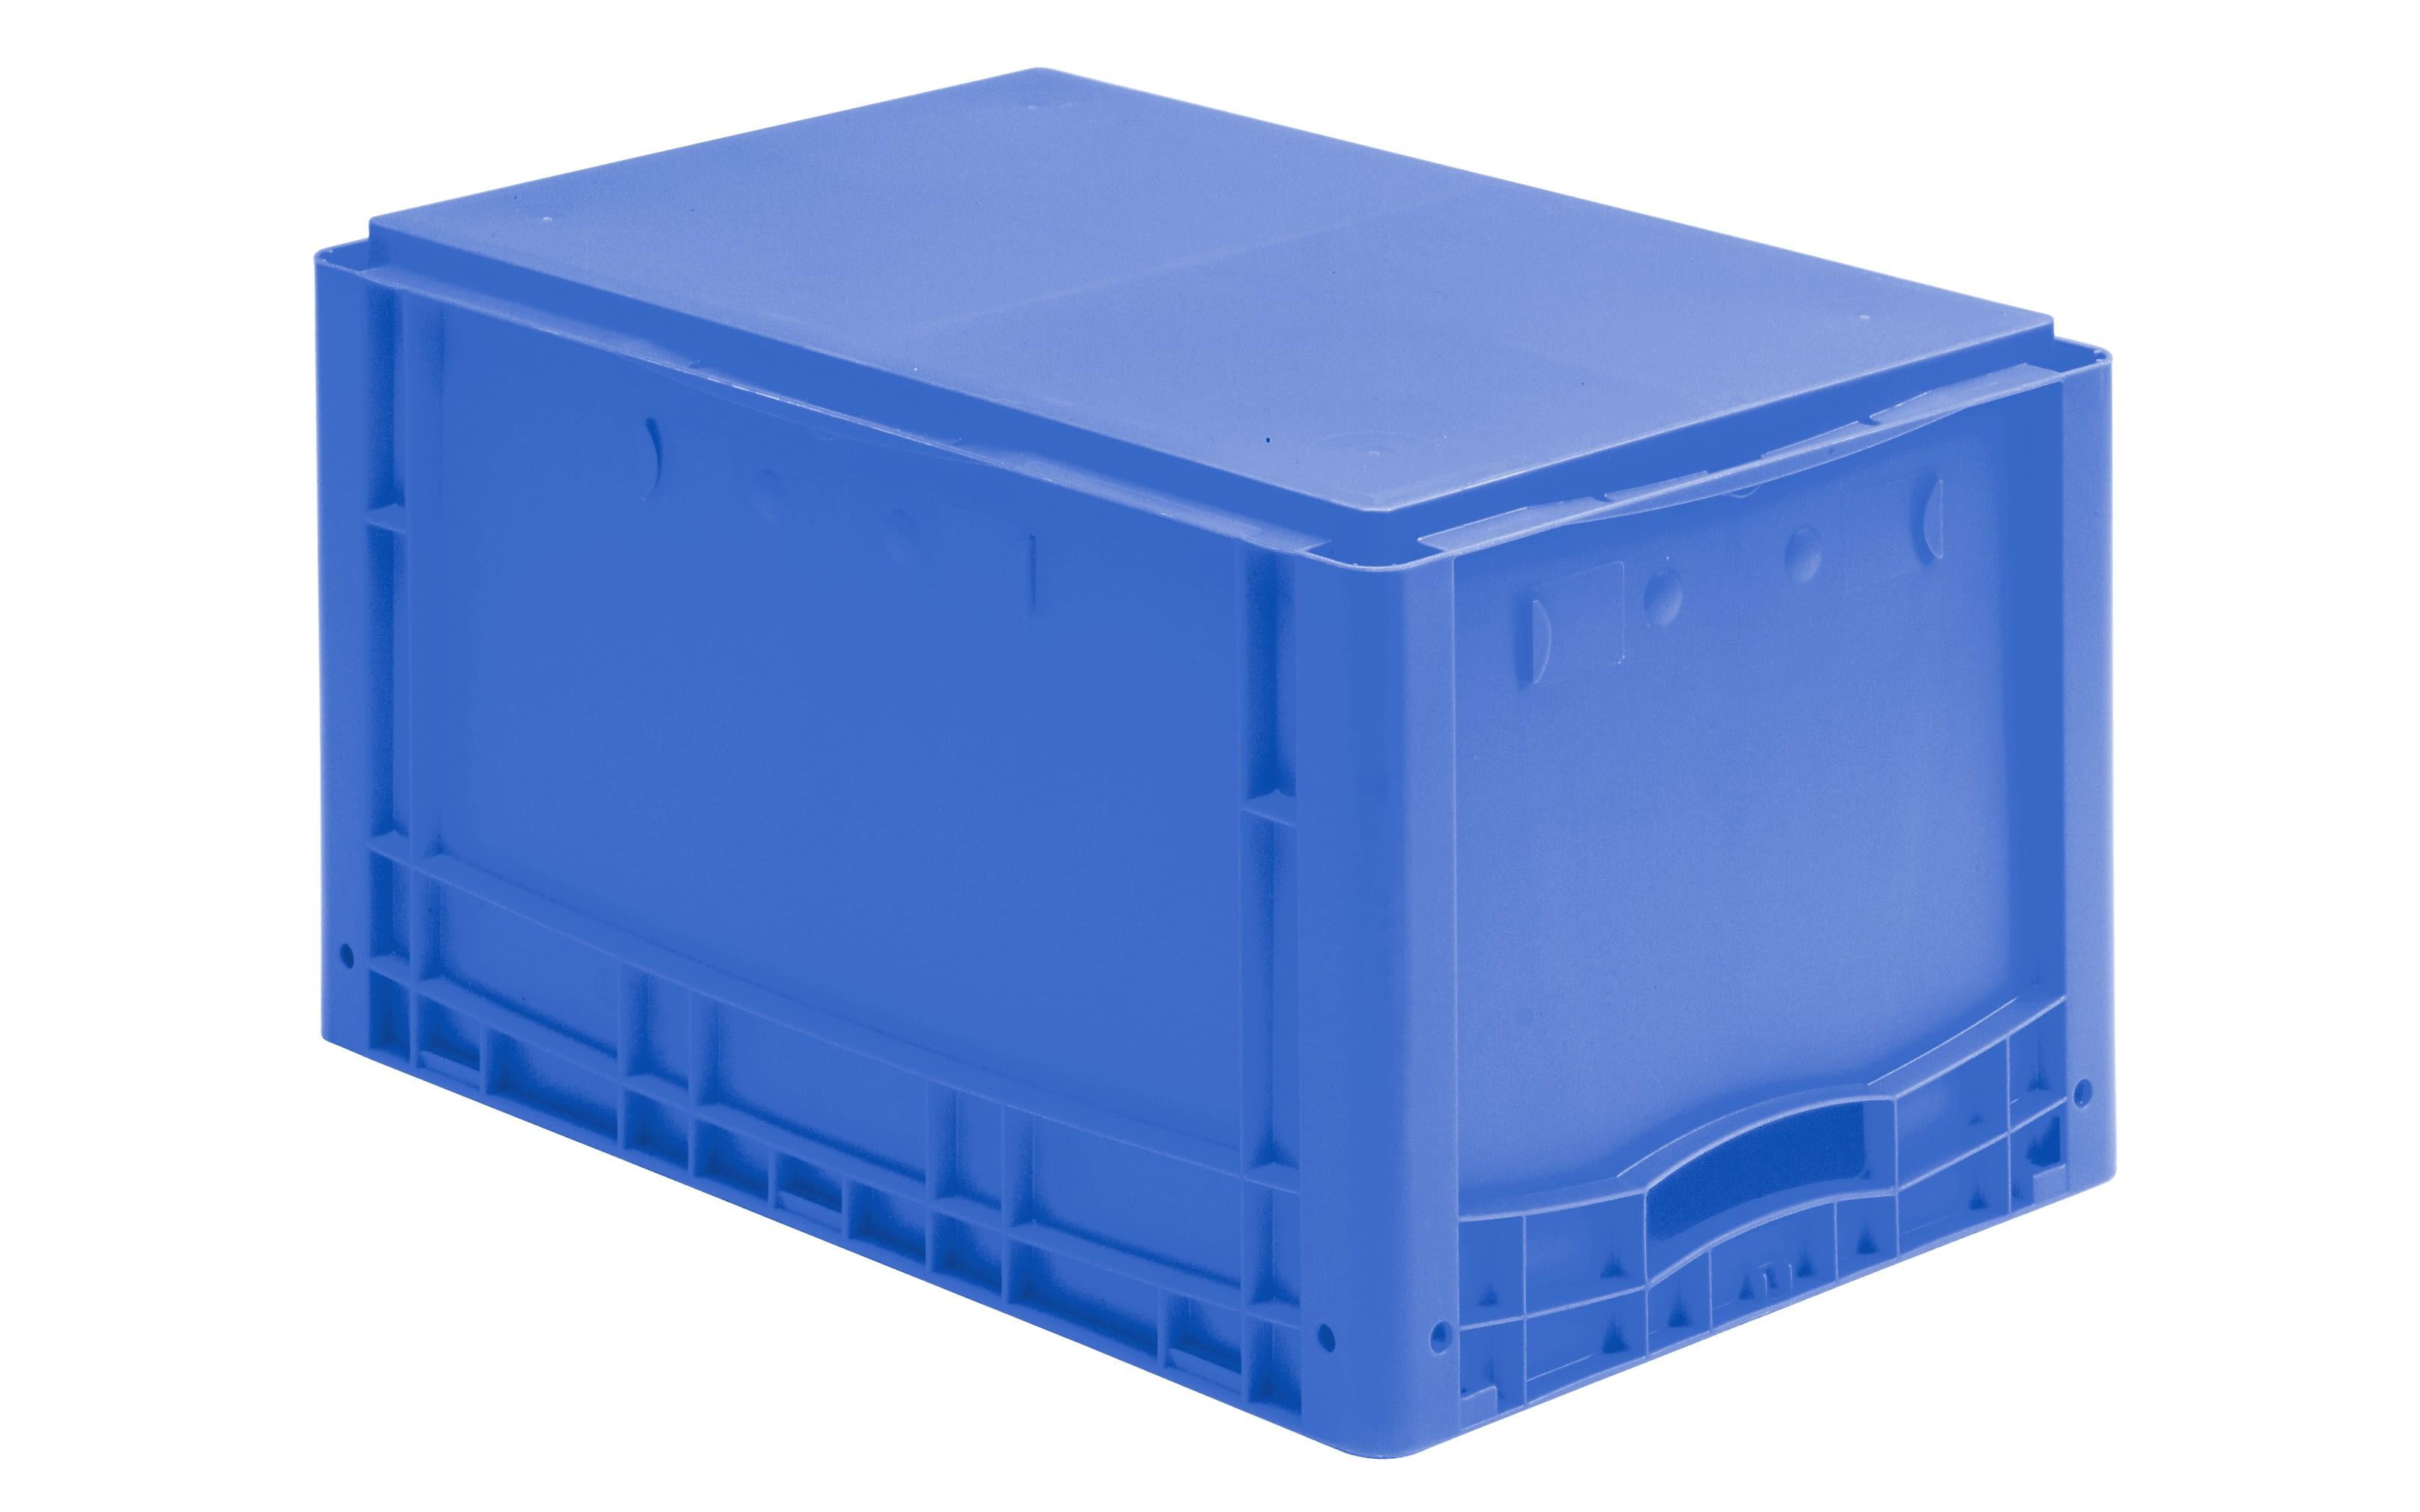 Pojemniki Euro do sztaplowania XL, z pełnymi ściankami, niebieski, IMG_18554